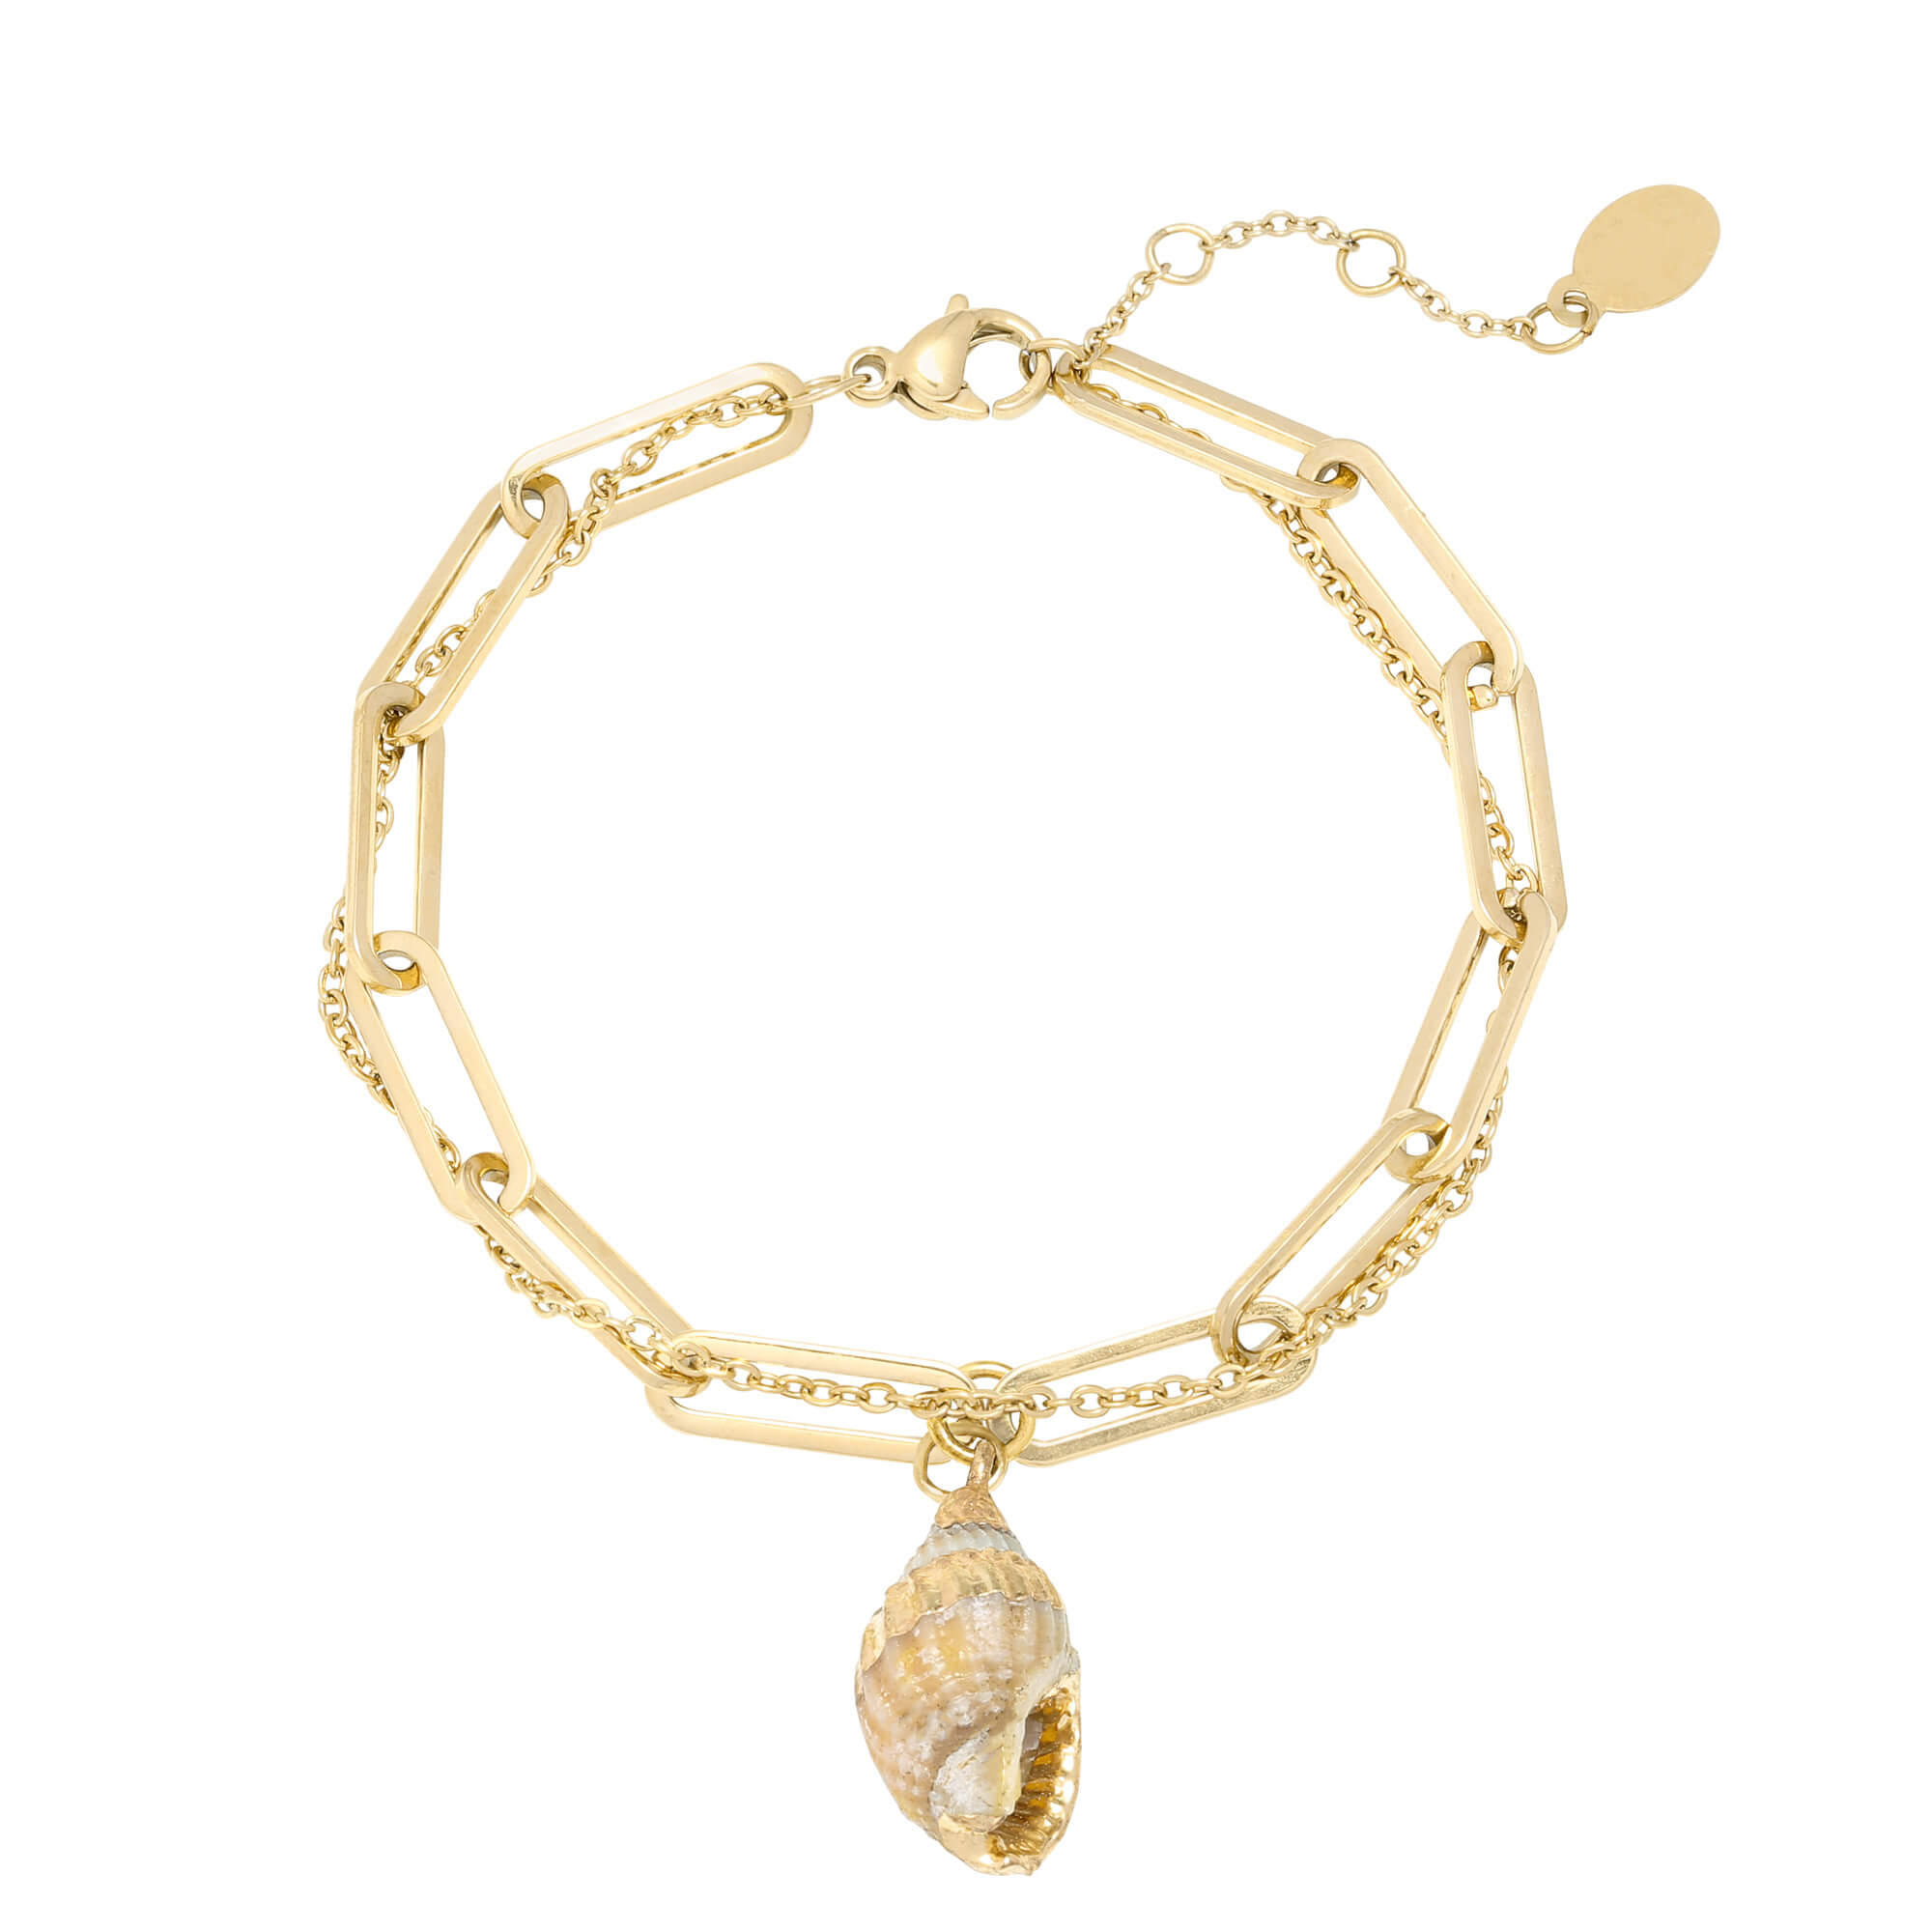 bracelet chaine double - bracelet femme mode - Charlie - Cénélia